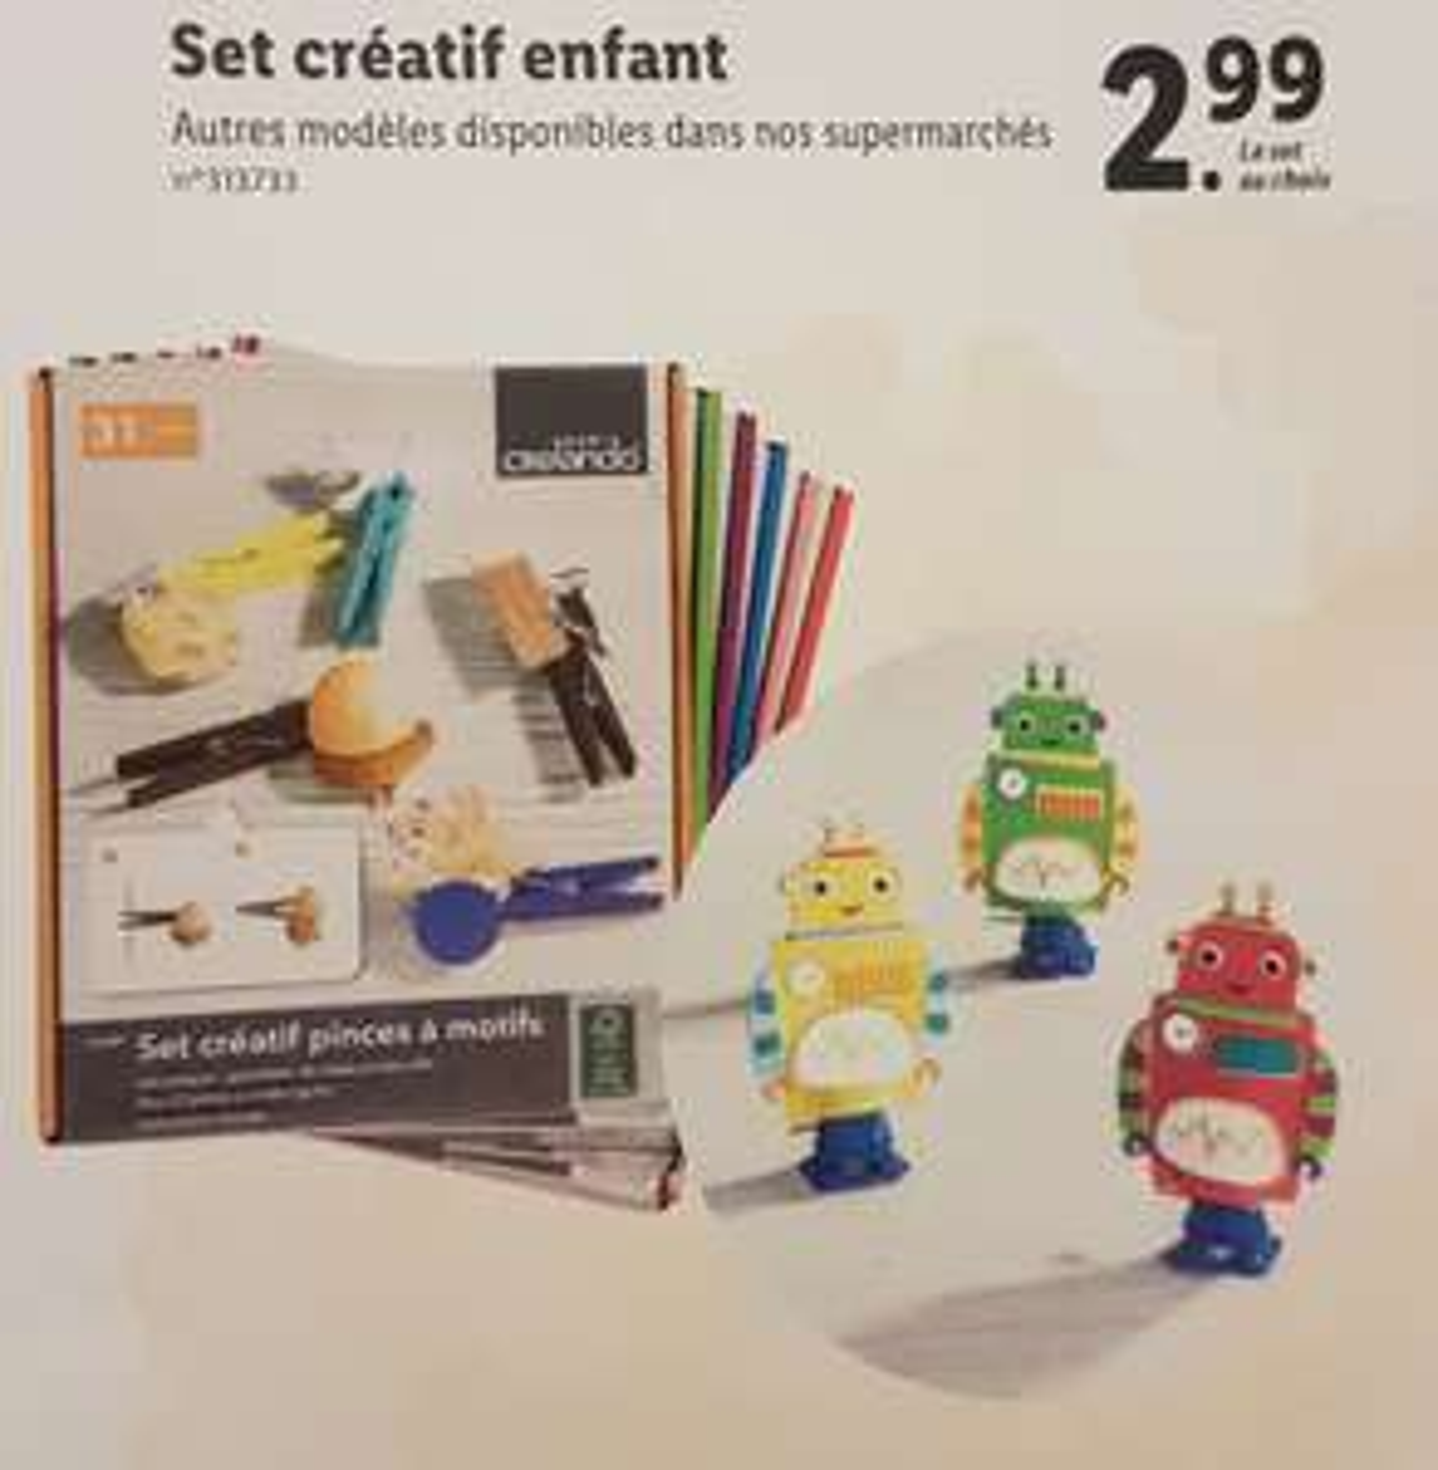 Set Créatif Crelando pour Enfants - Modèles au choix